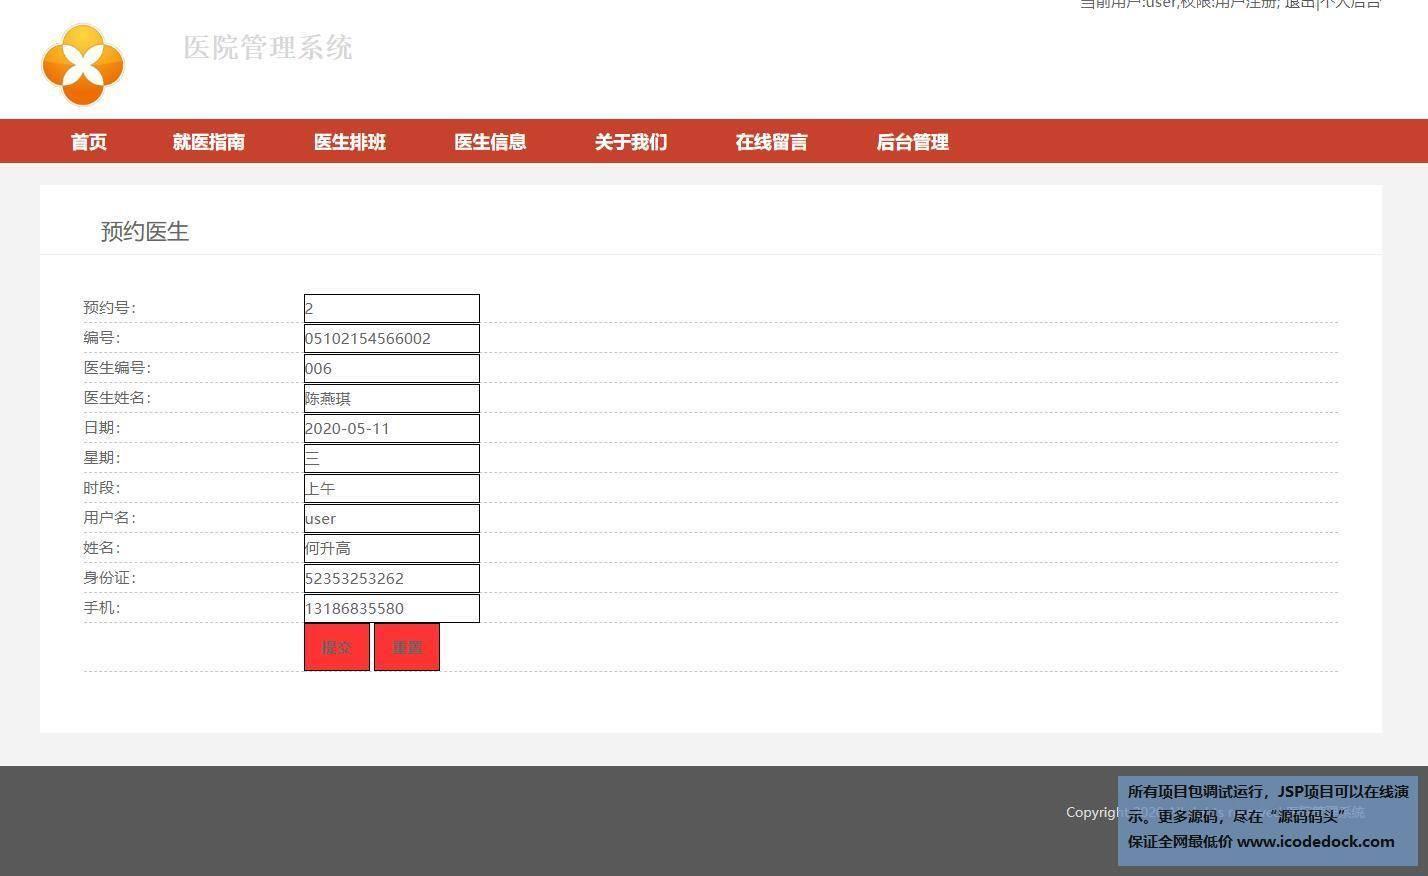 源码码头-JSP医院信息管理系统-用户角色-提交预约